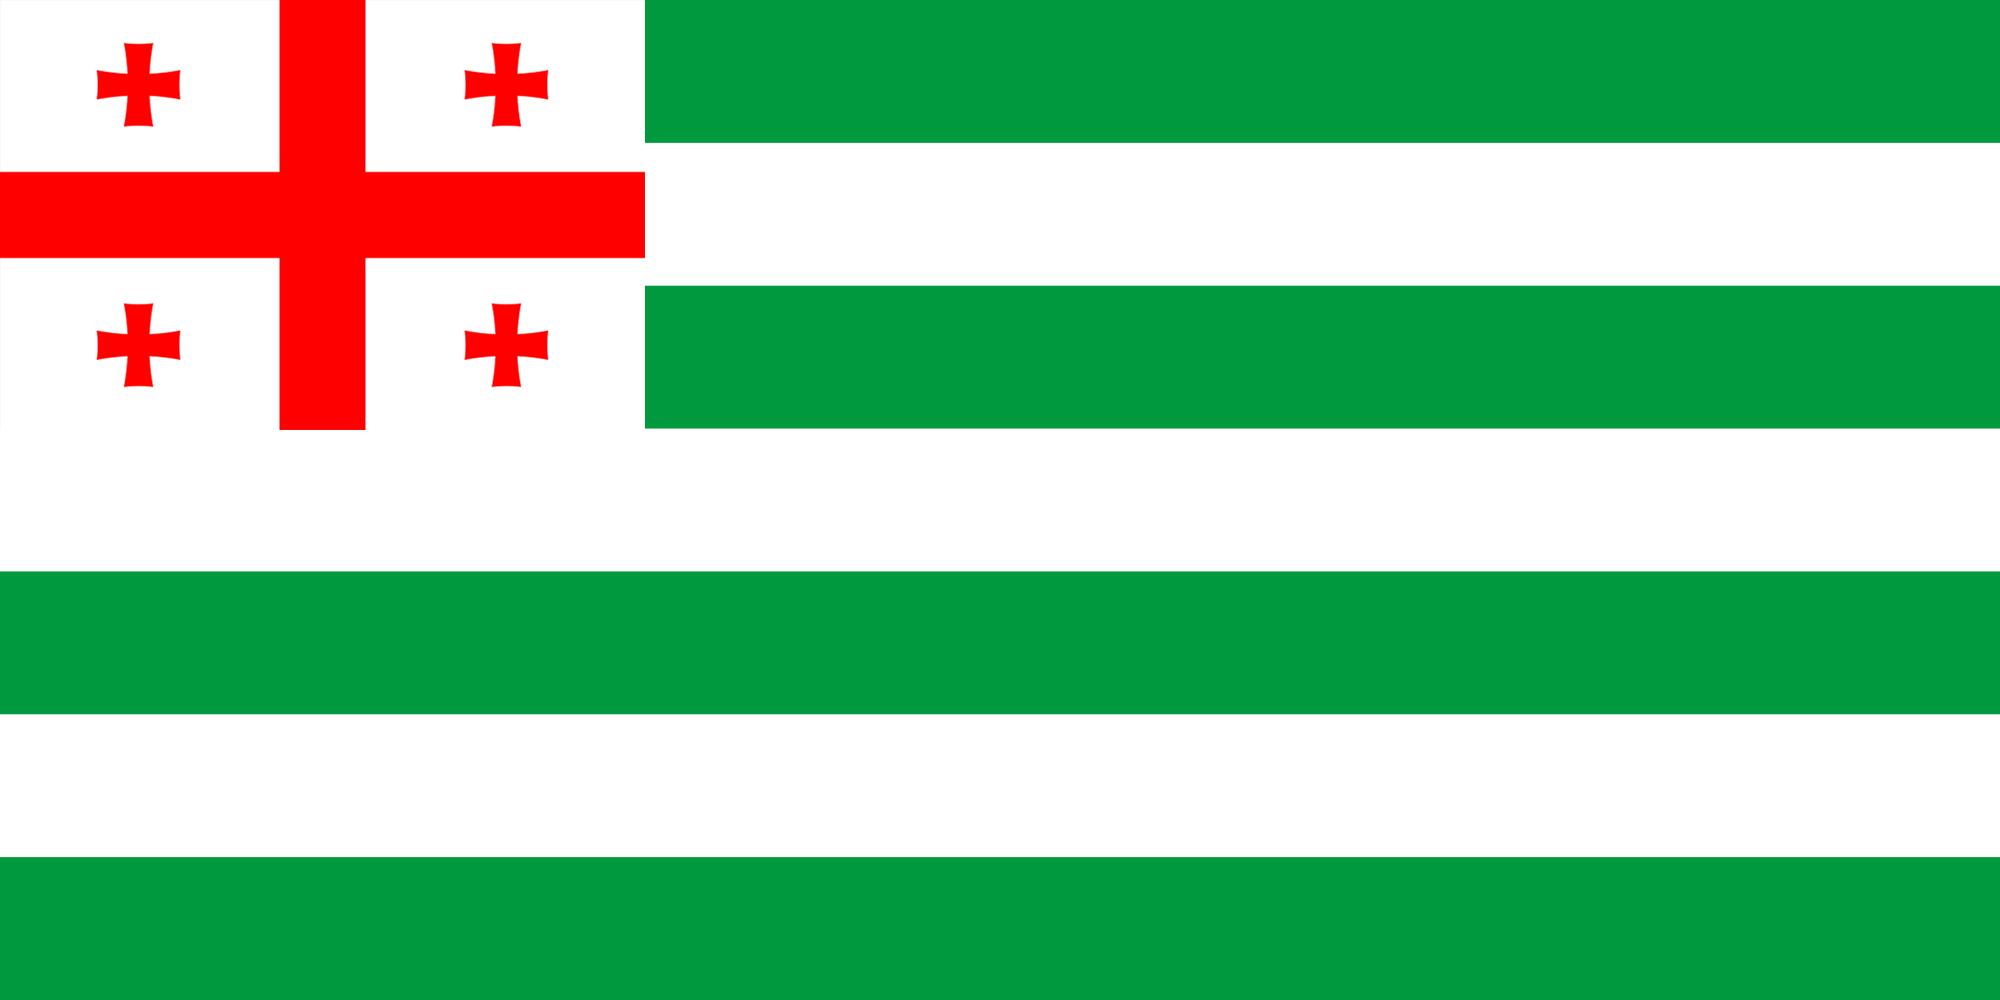 Flag of Abkhazia images